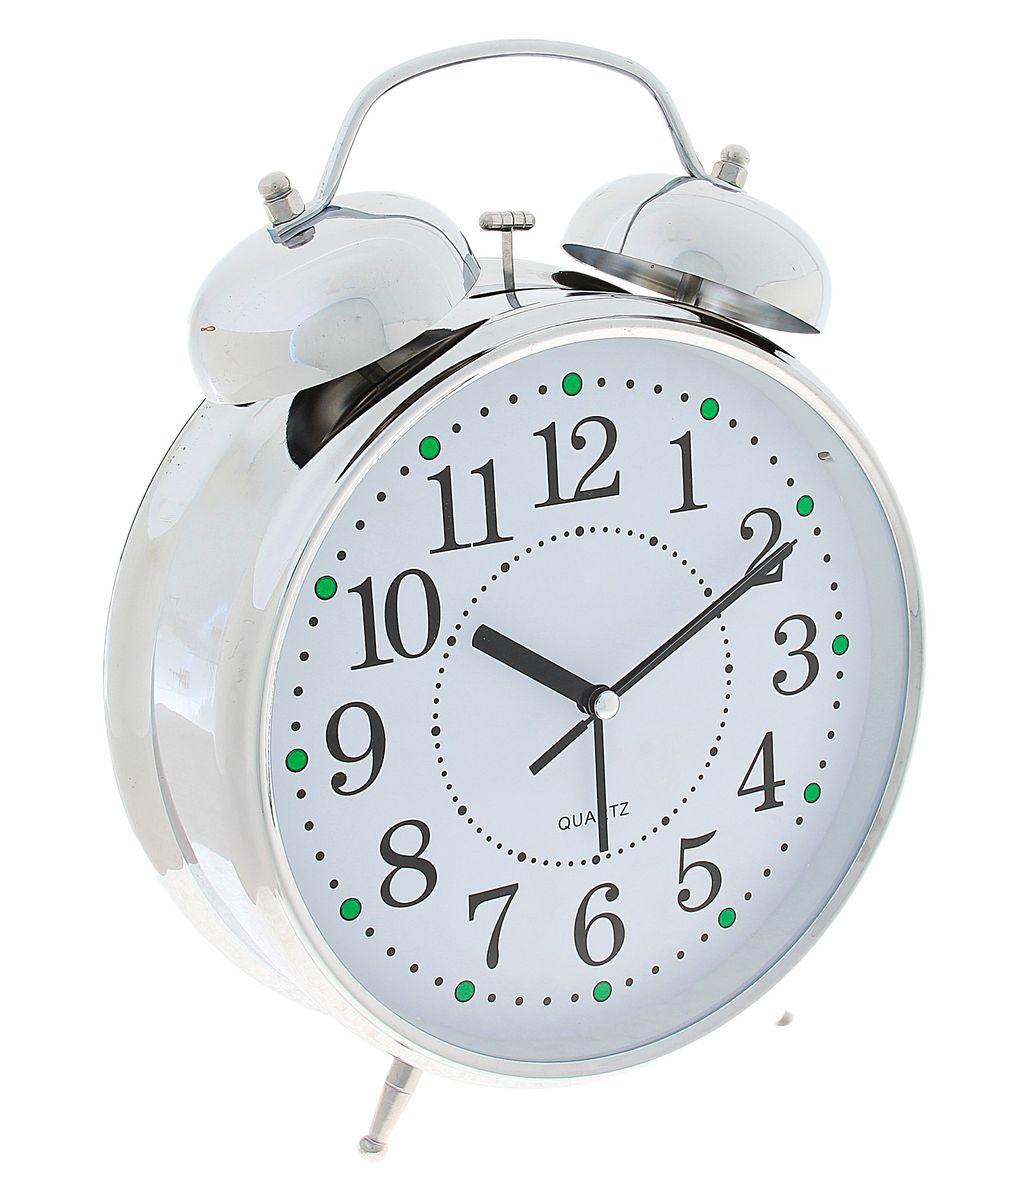 Часы-будильник Sima-land Классика, цвет: белый, серебристый, диаметр 20 см556730Часы-будильник Sima-land Классика - это невероятных размеров устройство, созданное специально для тех, кто с трудом просыпается по утрам!Изделие обладает классическим дизайном. Такой будильник станет изюминкой вашего интерьера.Будильник работает от 3 батареек типа АА 1,5 В (в комплект не входят). На задней панели будильника расположены переключатель включения/выключения механизма, два поворотных рычага для настройки текущего времени и установки будильника, а также кнопка для включения подсветки циферблата.Диаметр циферблата: 20 см.